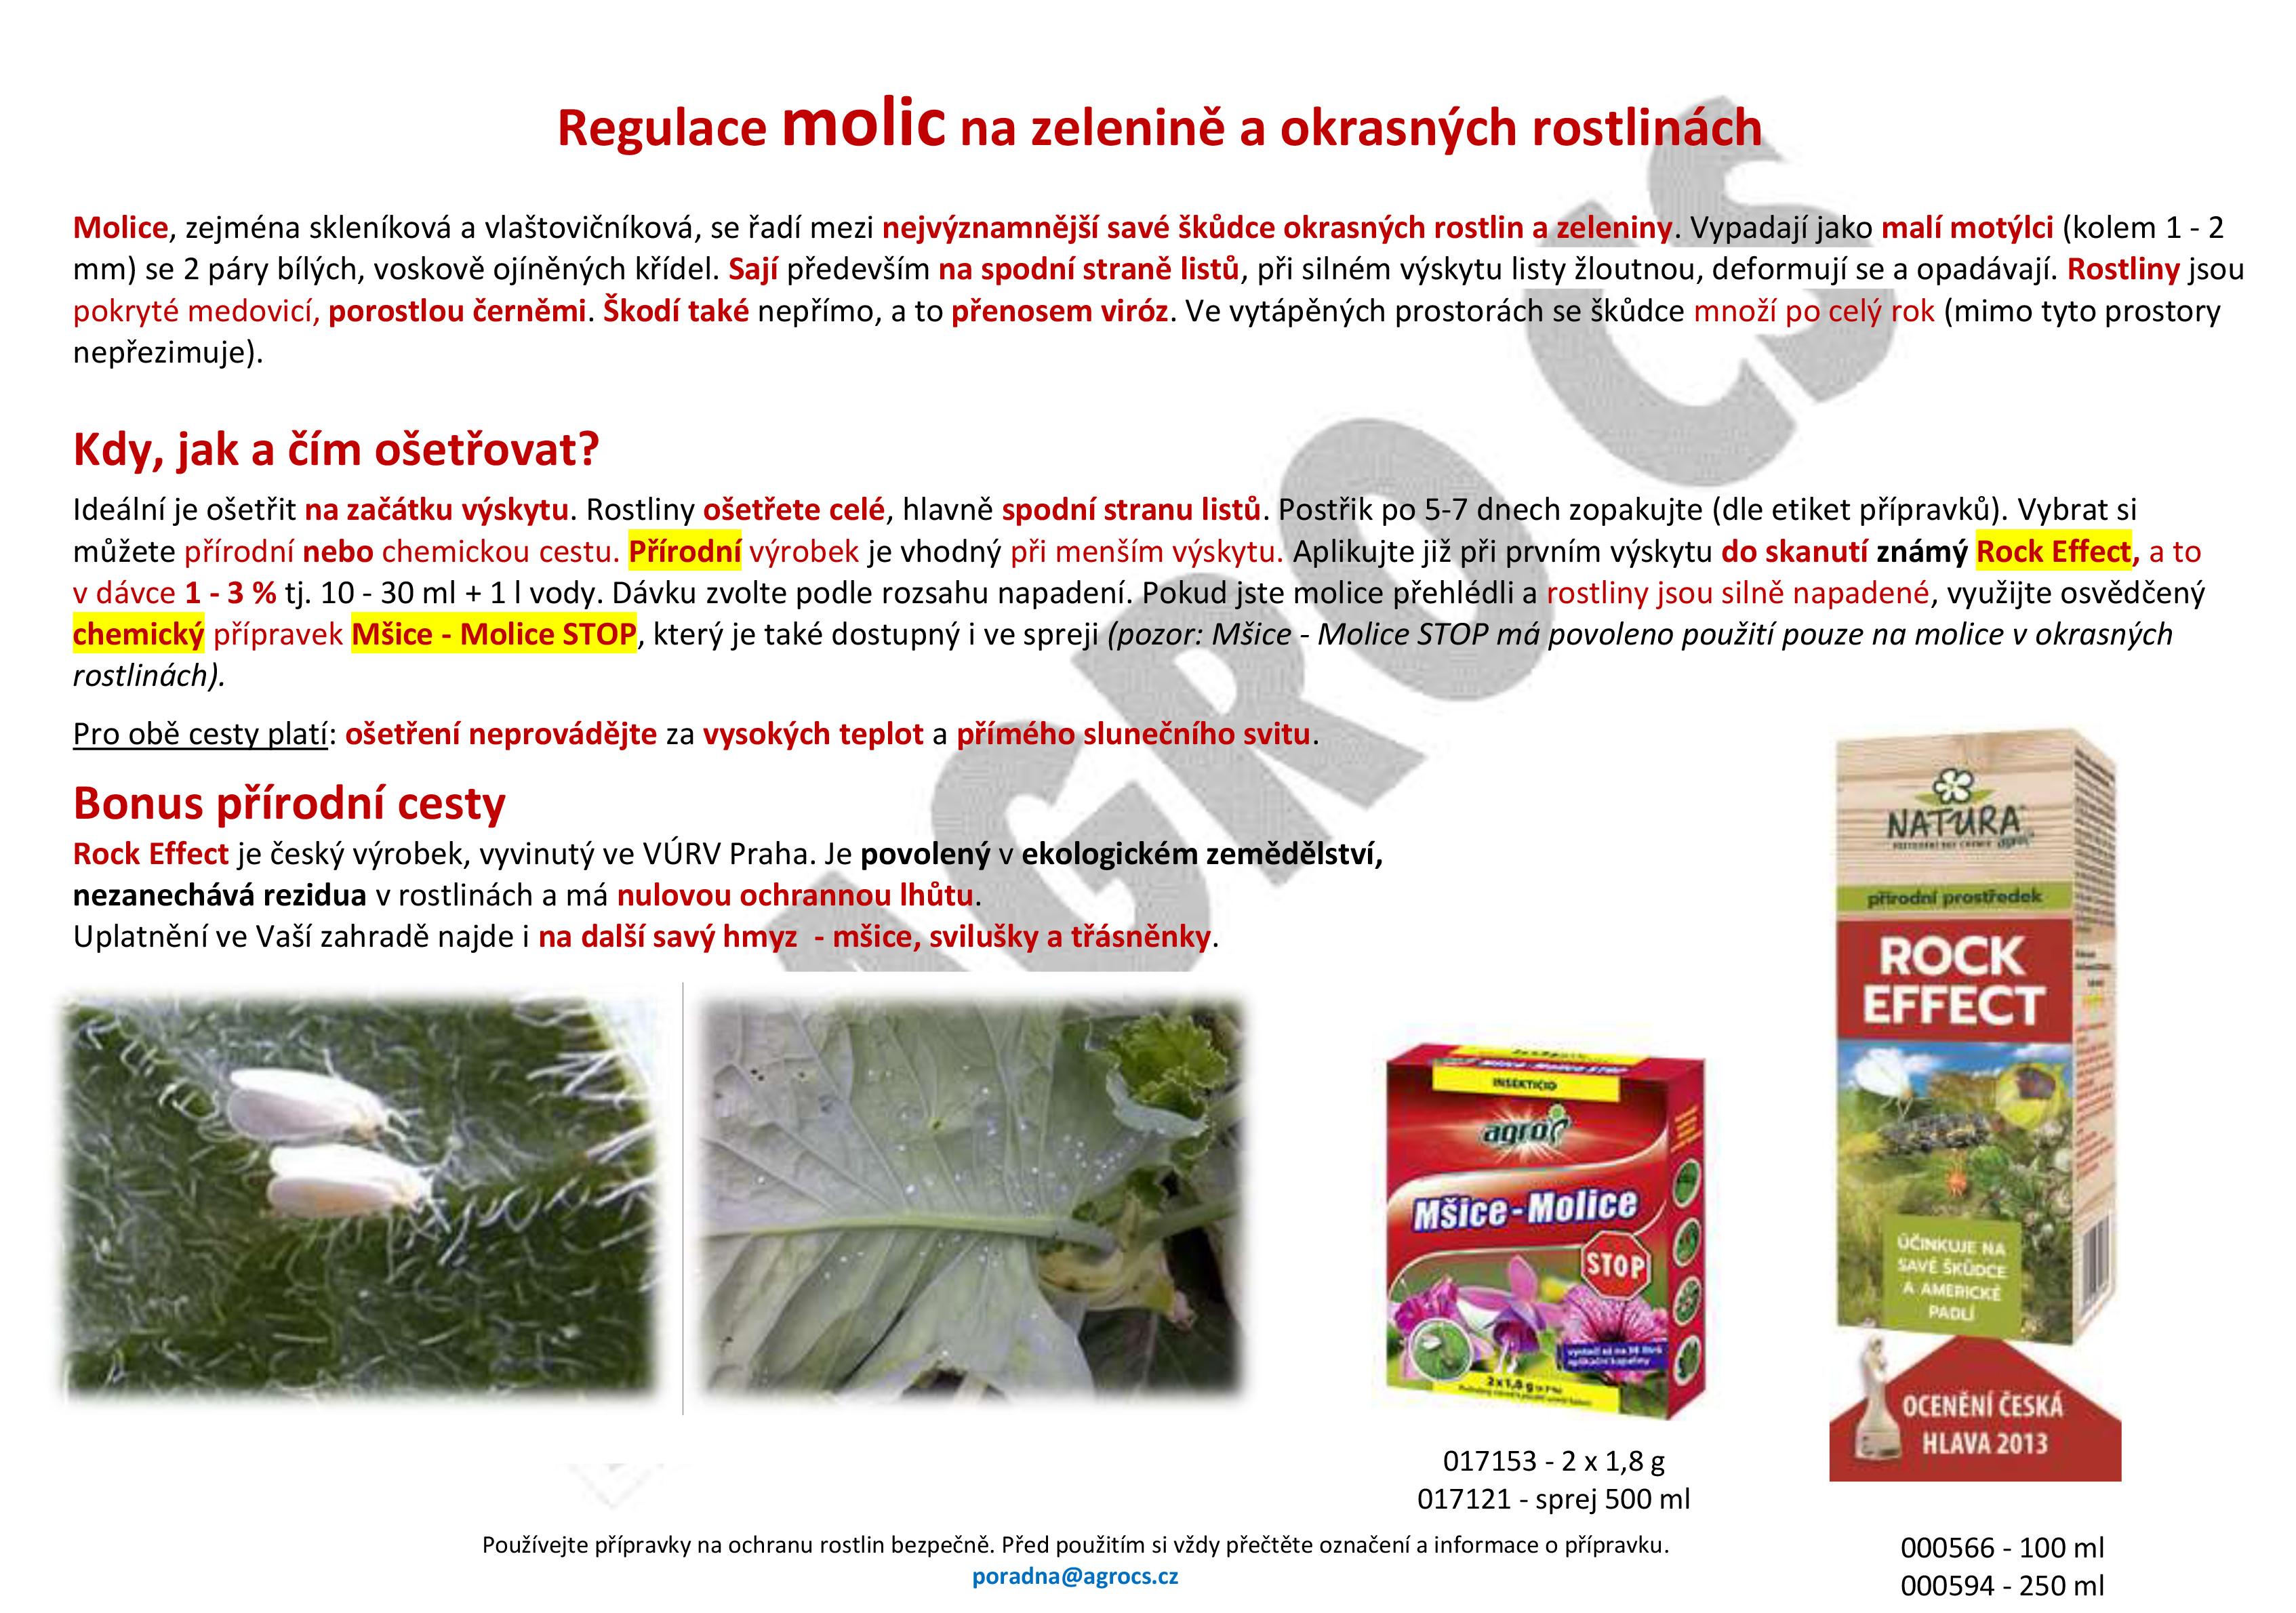 Regulace molic na zelenině a okrasných rostlinách